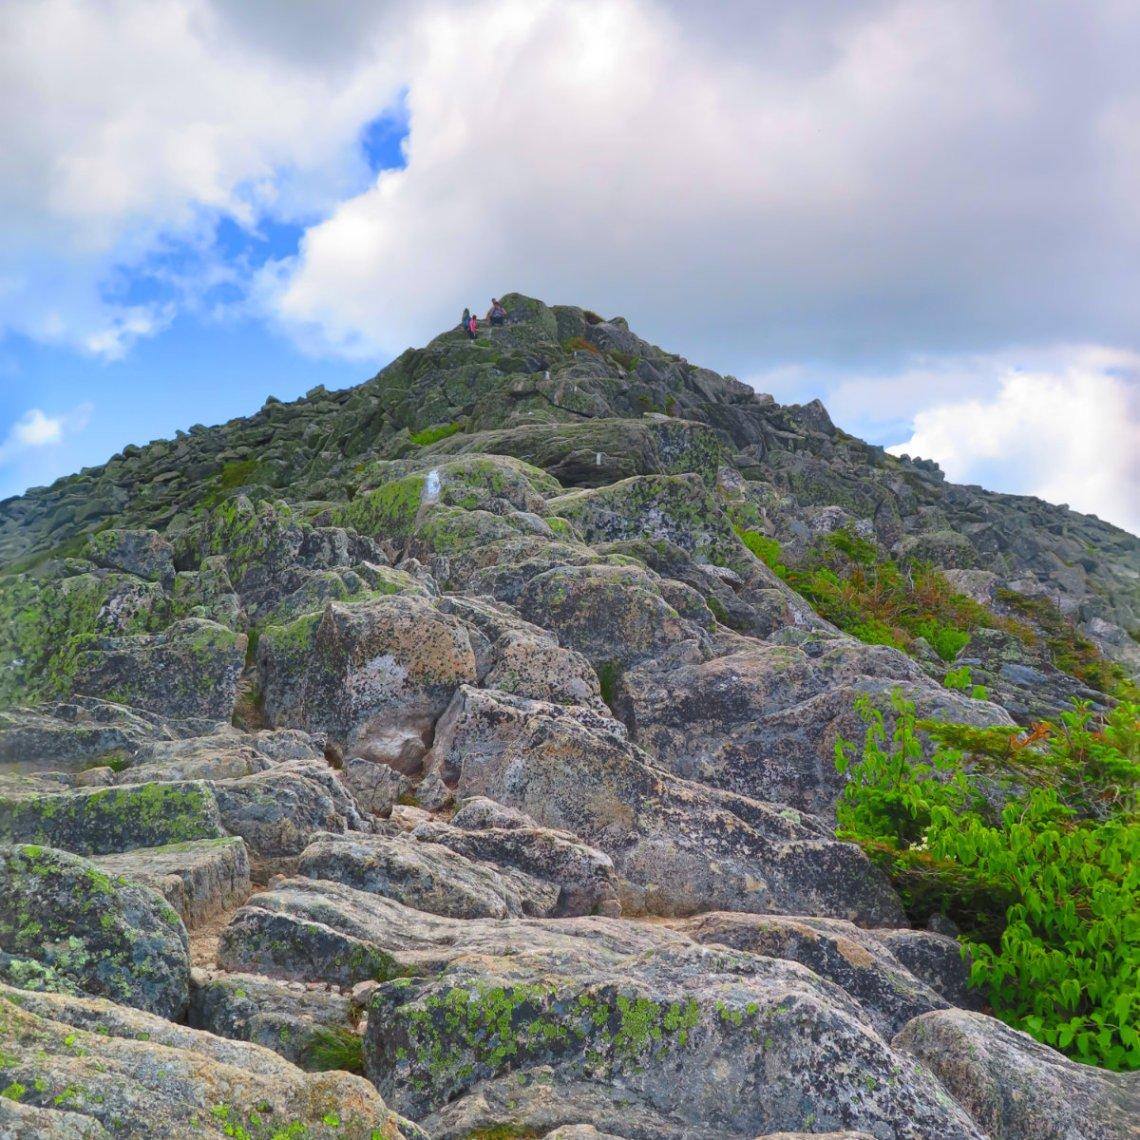 Hunt-Trail-Below-Tableland-Katahdin-BSP-20190703